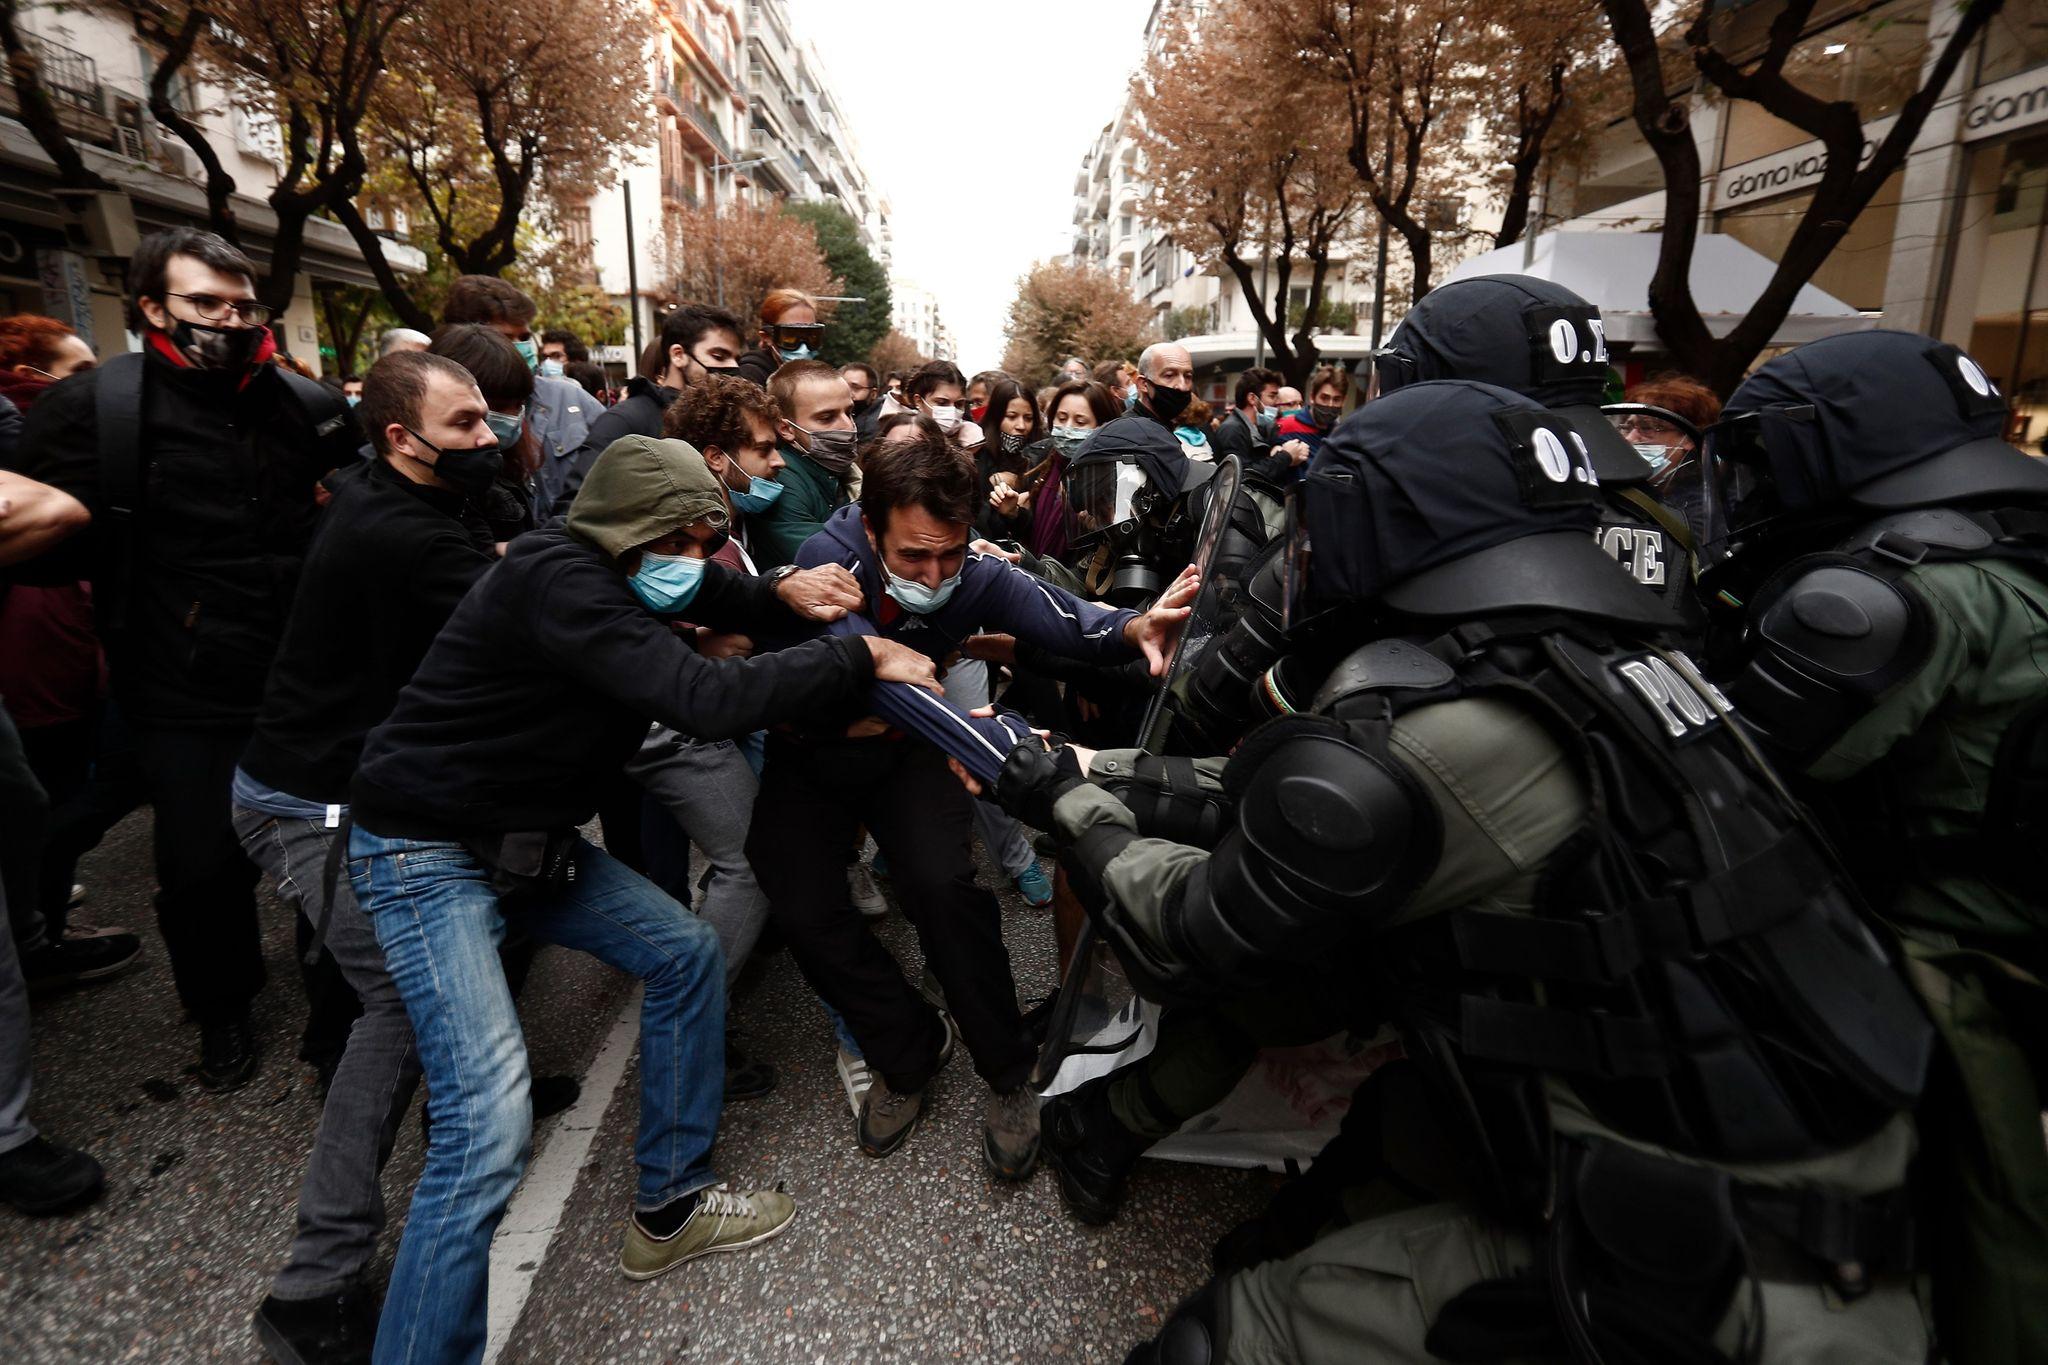 Δημοτικοί-περιφερειακοί σύμβουλοι της μαχόμενης Αριστεράς καταγγέλλουν την καταστολή εναντίον της πορείας για το Πολυτεχνείο